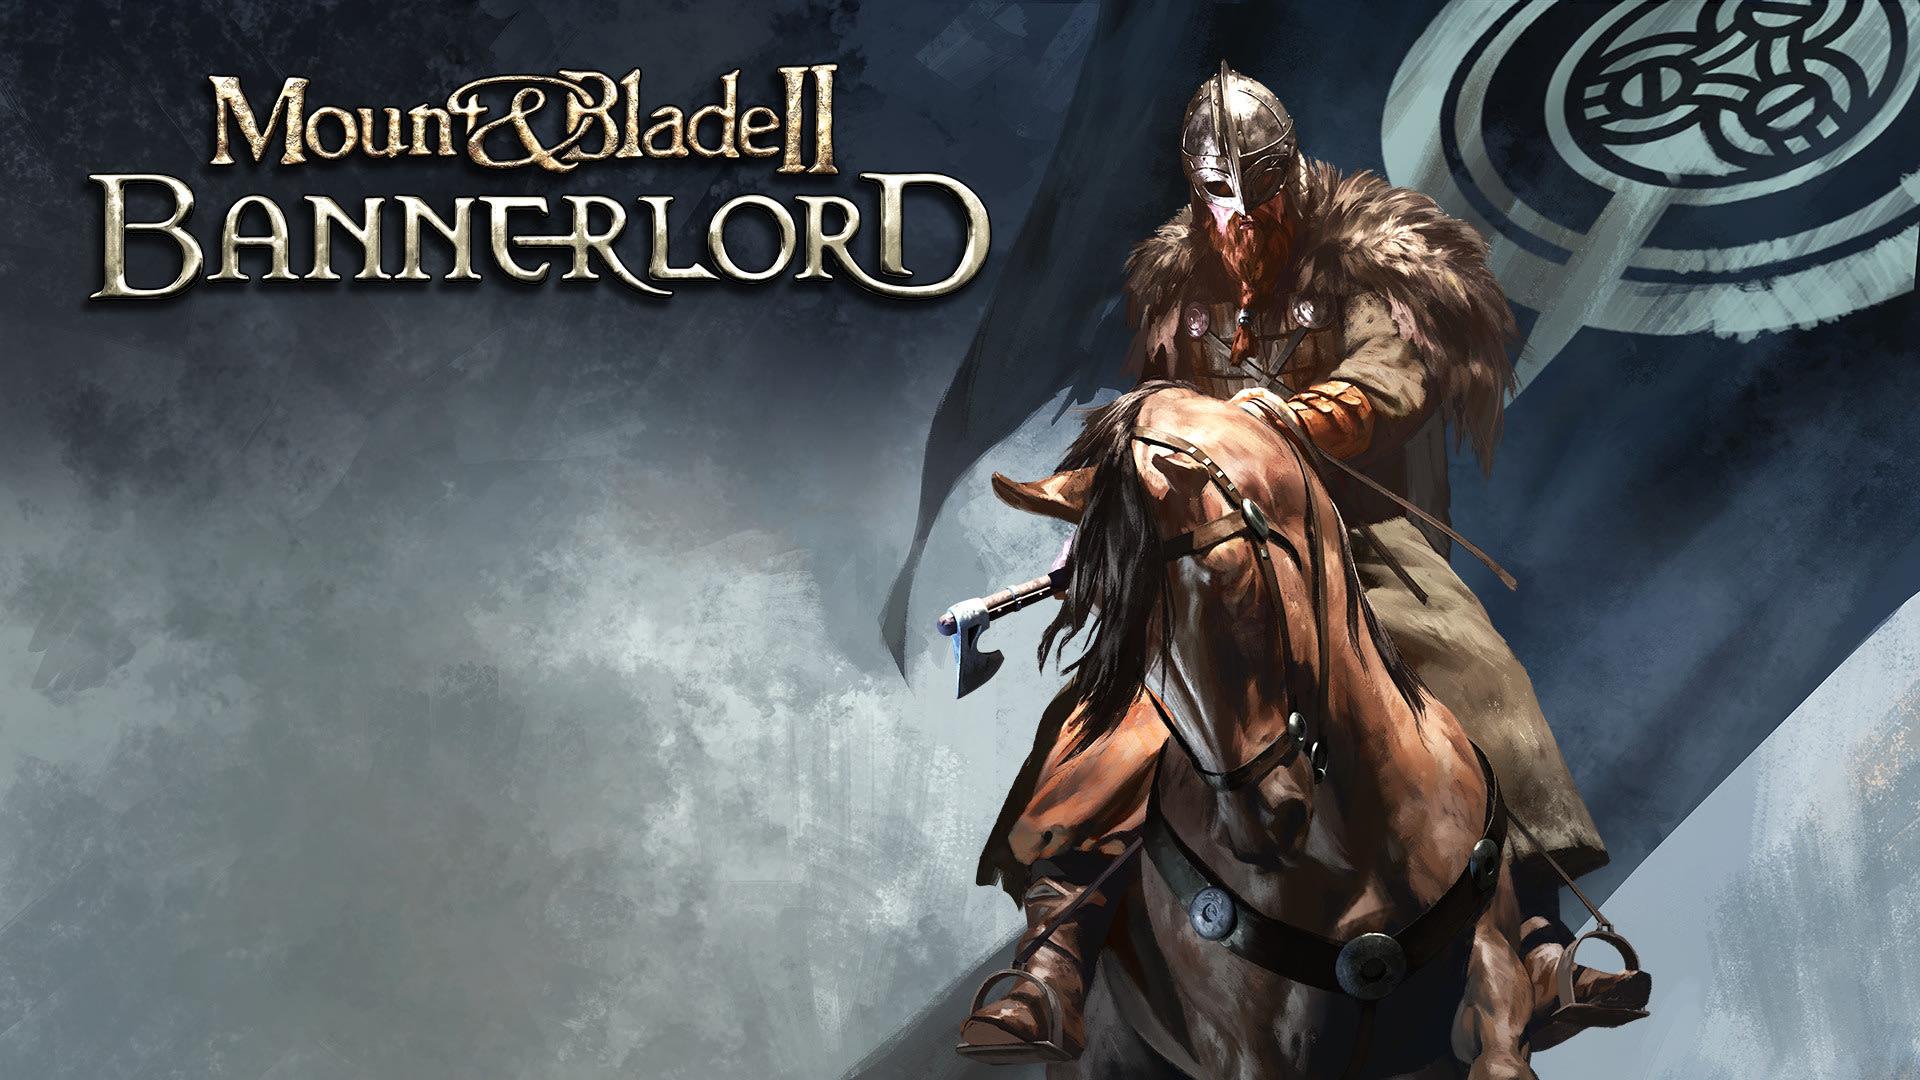 سی دی کی اریجینال استیم بازی Mount & Blade II: Bannerlord